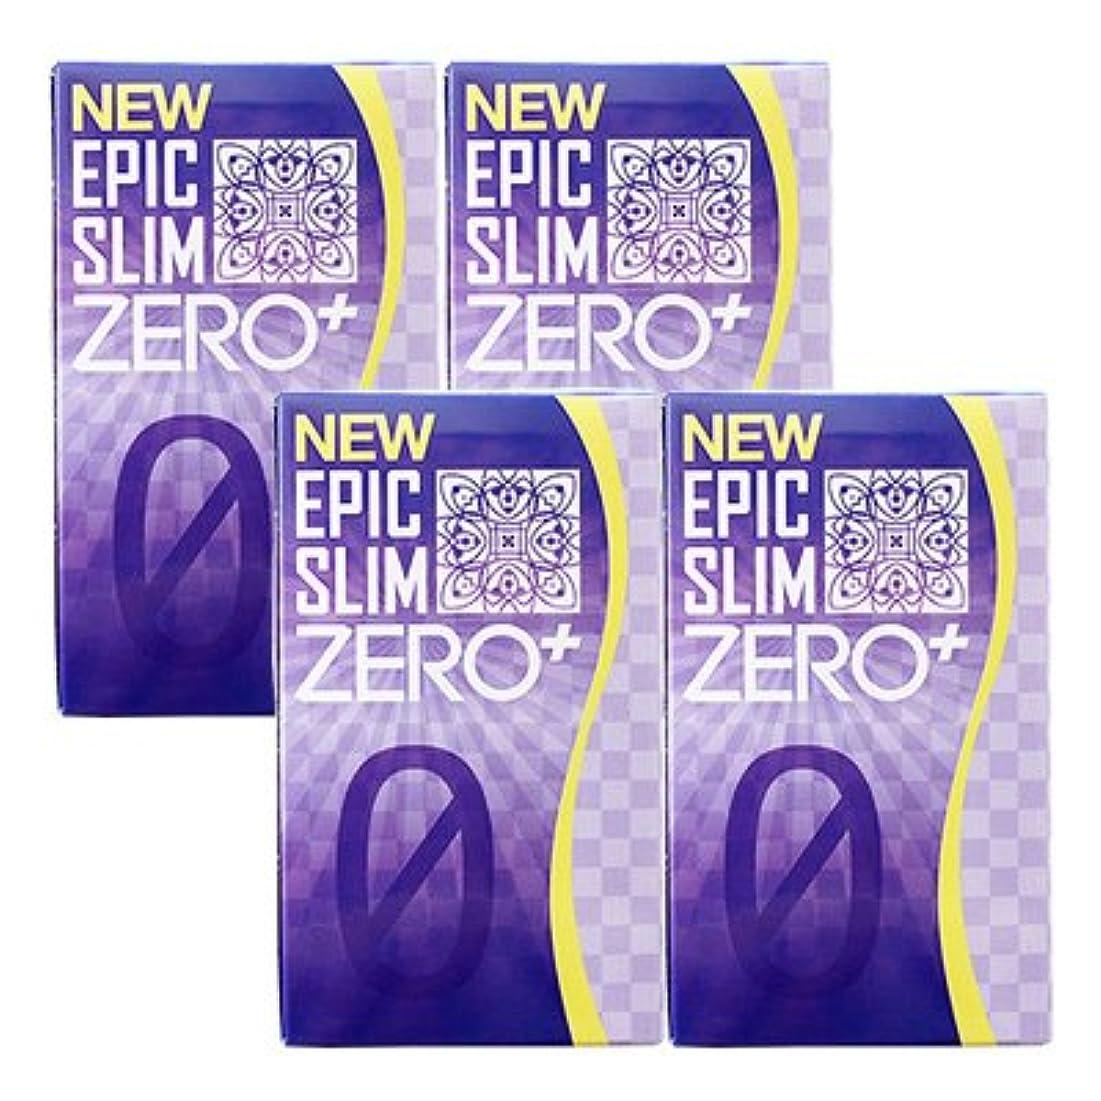 ボイド落胆する反抗NEW エピックスリム ゼロ+ 4個セット NEW Epic Slim ZERO PLUS